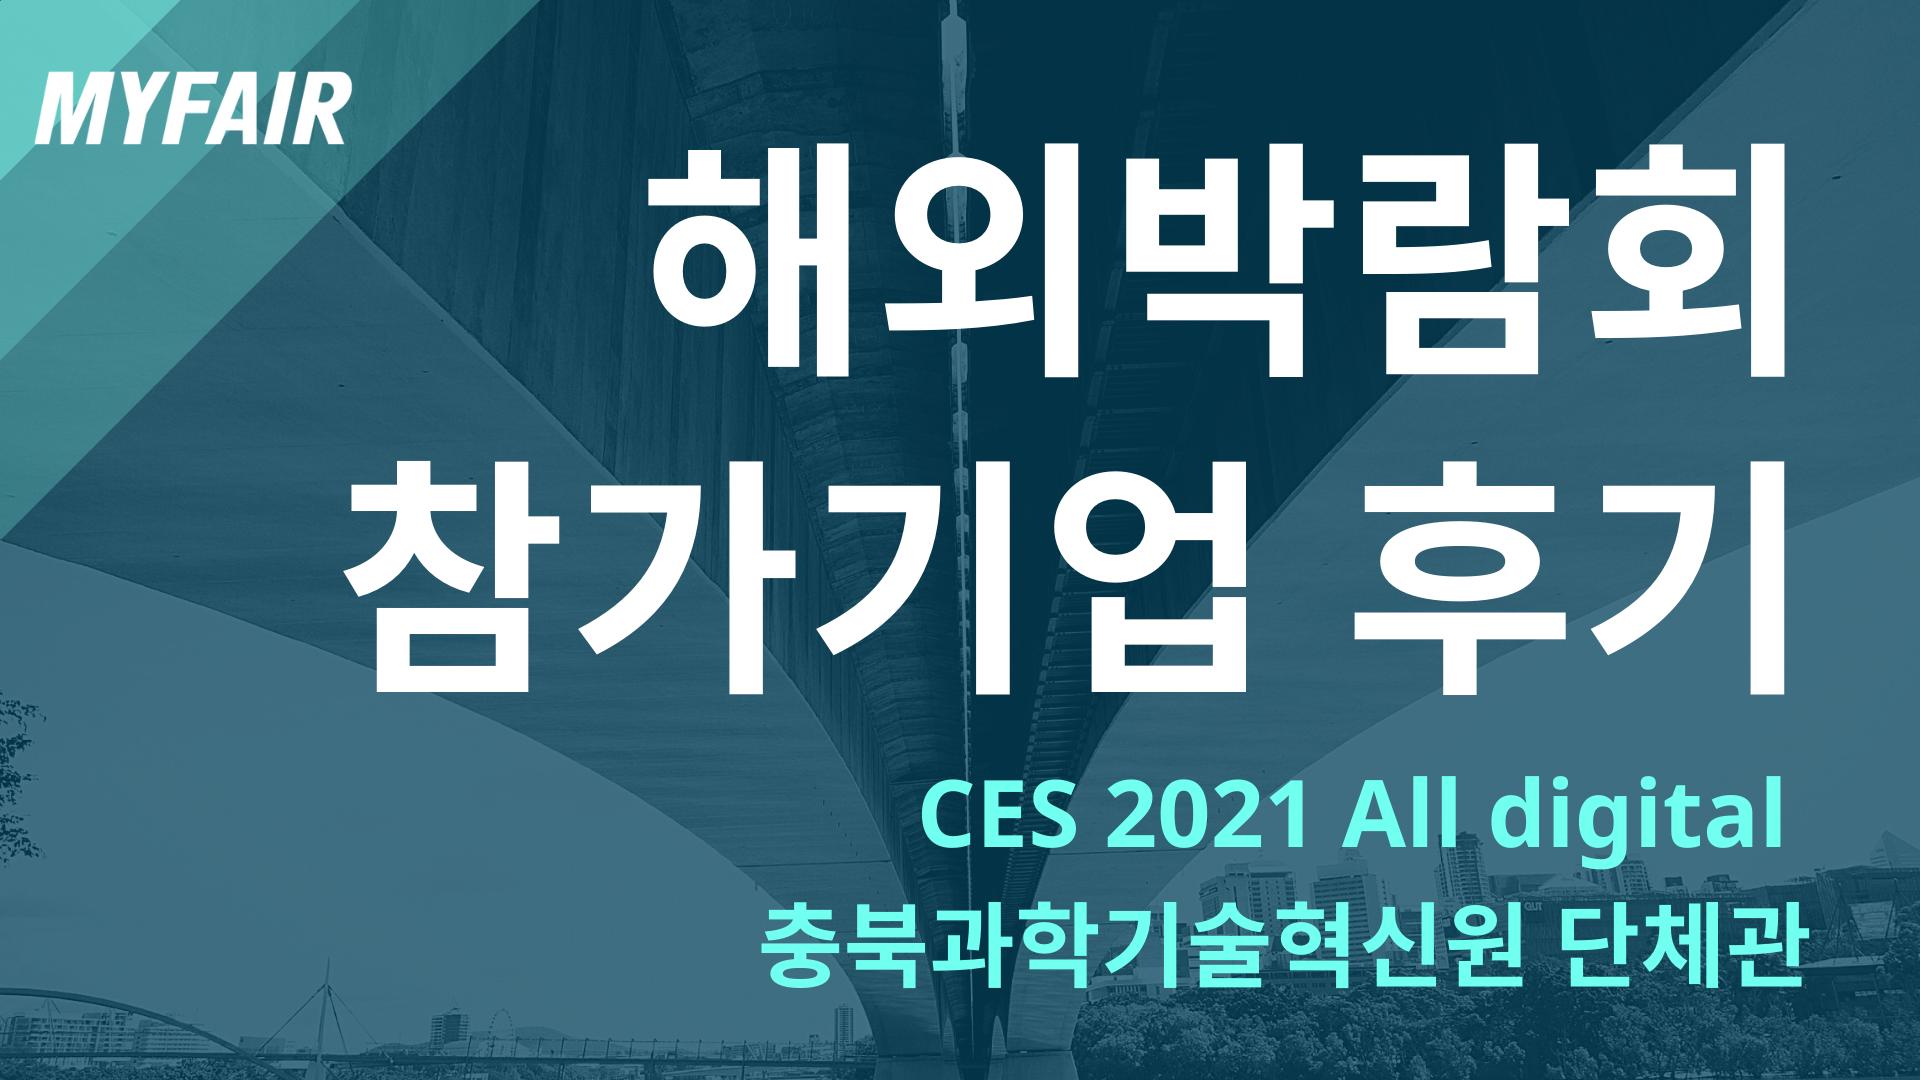 [해외박람회 후기] CES 2021 All digital – 충북과학기술혁신원 단체관